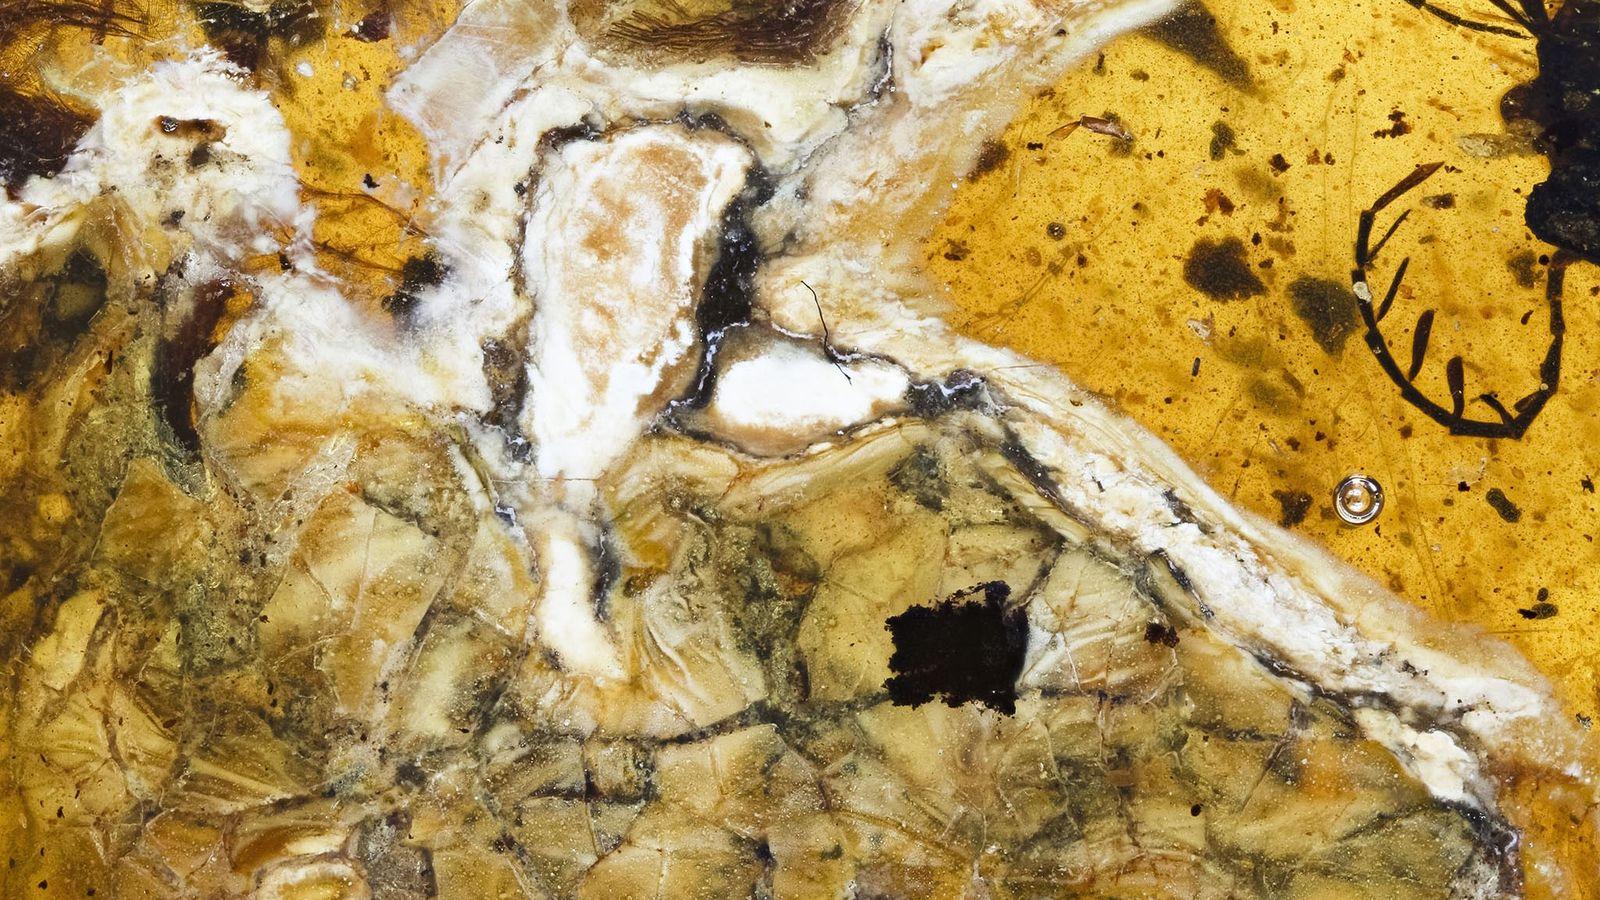 Diese Nahaufnahme zeigt den Kopf des Vogels und seinen Brustkorb mit freigelegten Knochen und Weichgewebe.